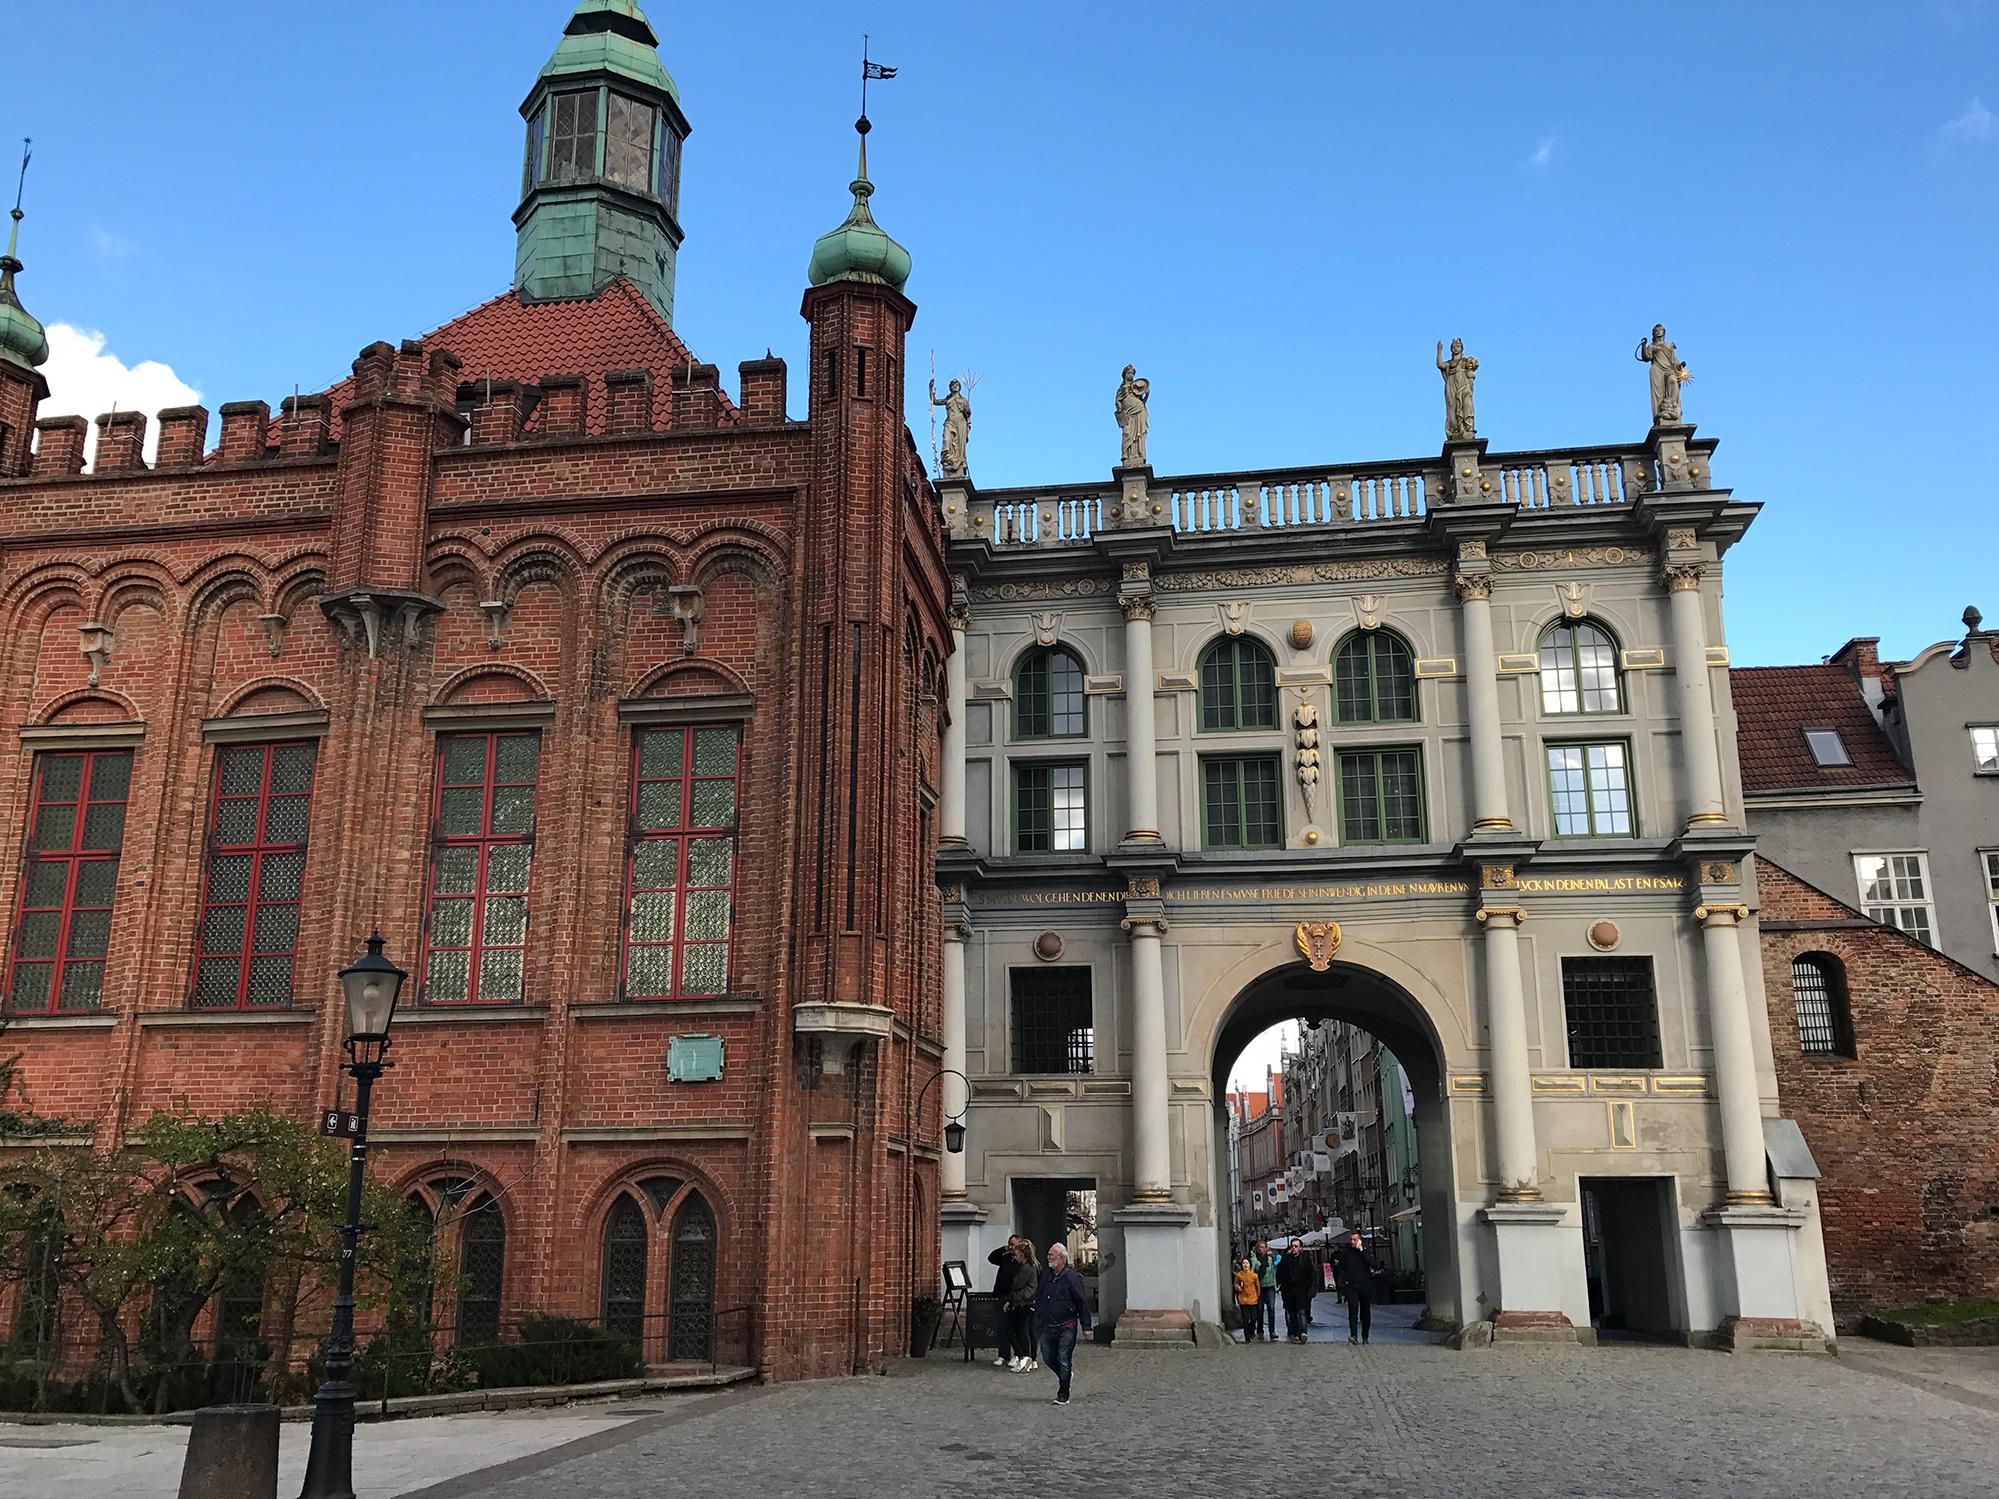 Zlota Brana, (Golden Gate) and Dwór Bractwa św. Jerzego (The court of the Fraternity of St Georg), Targ Węglowy, Gdańsk